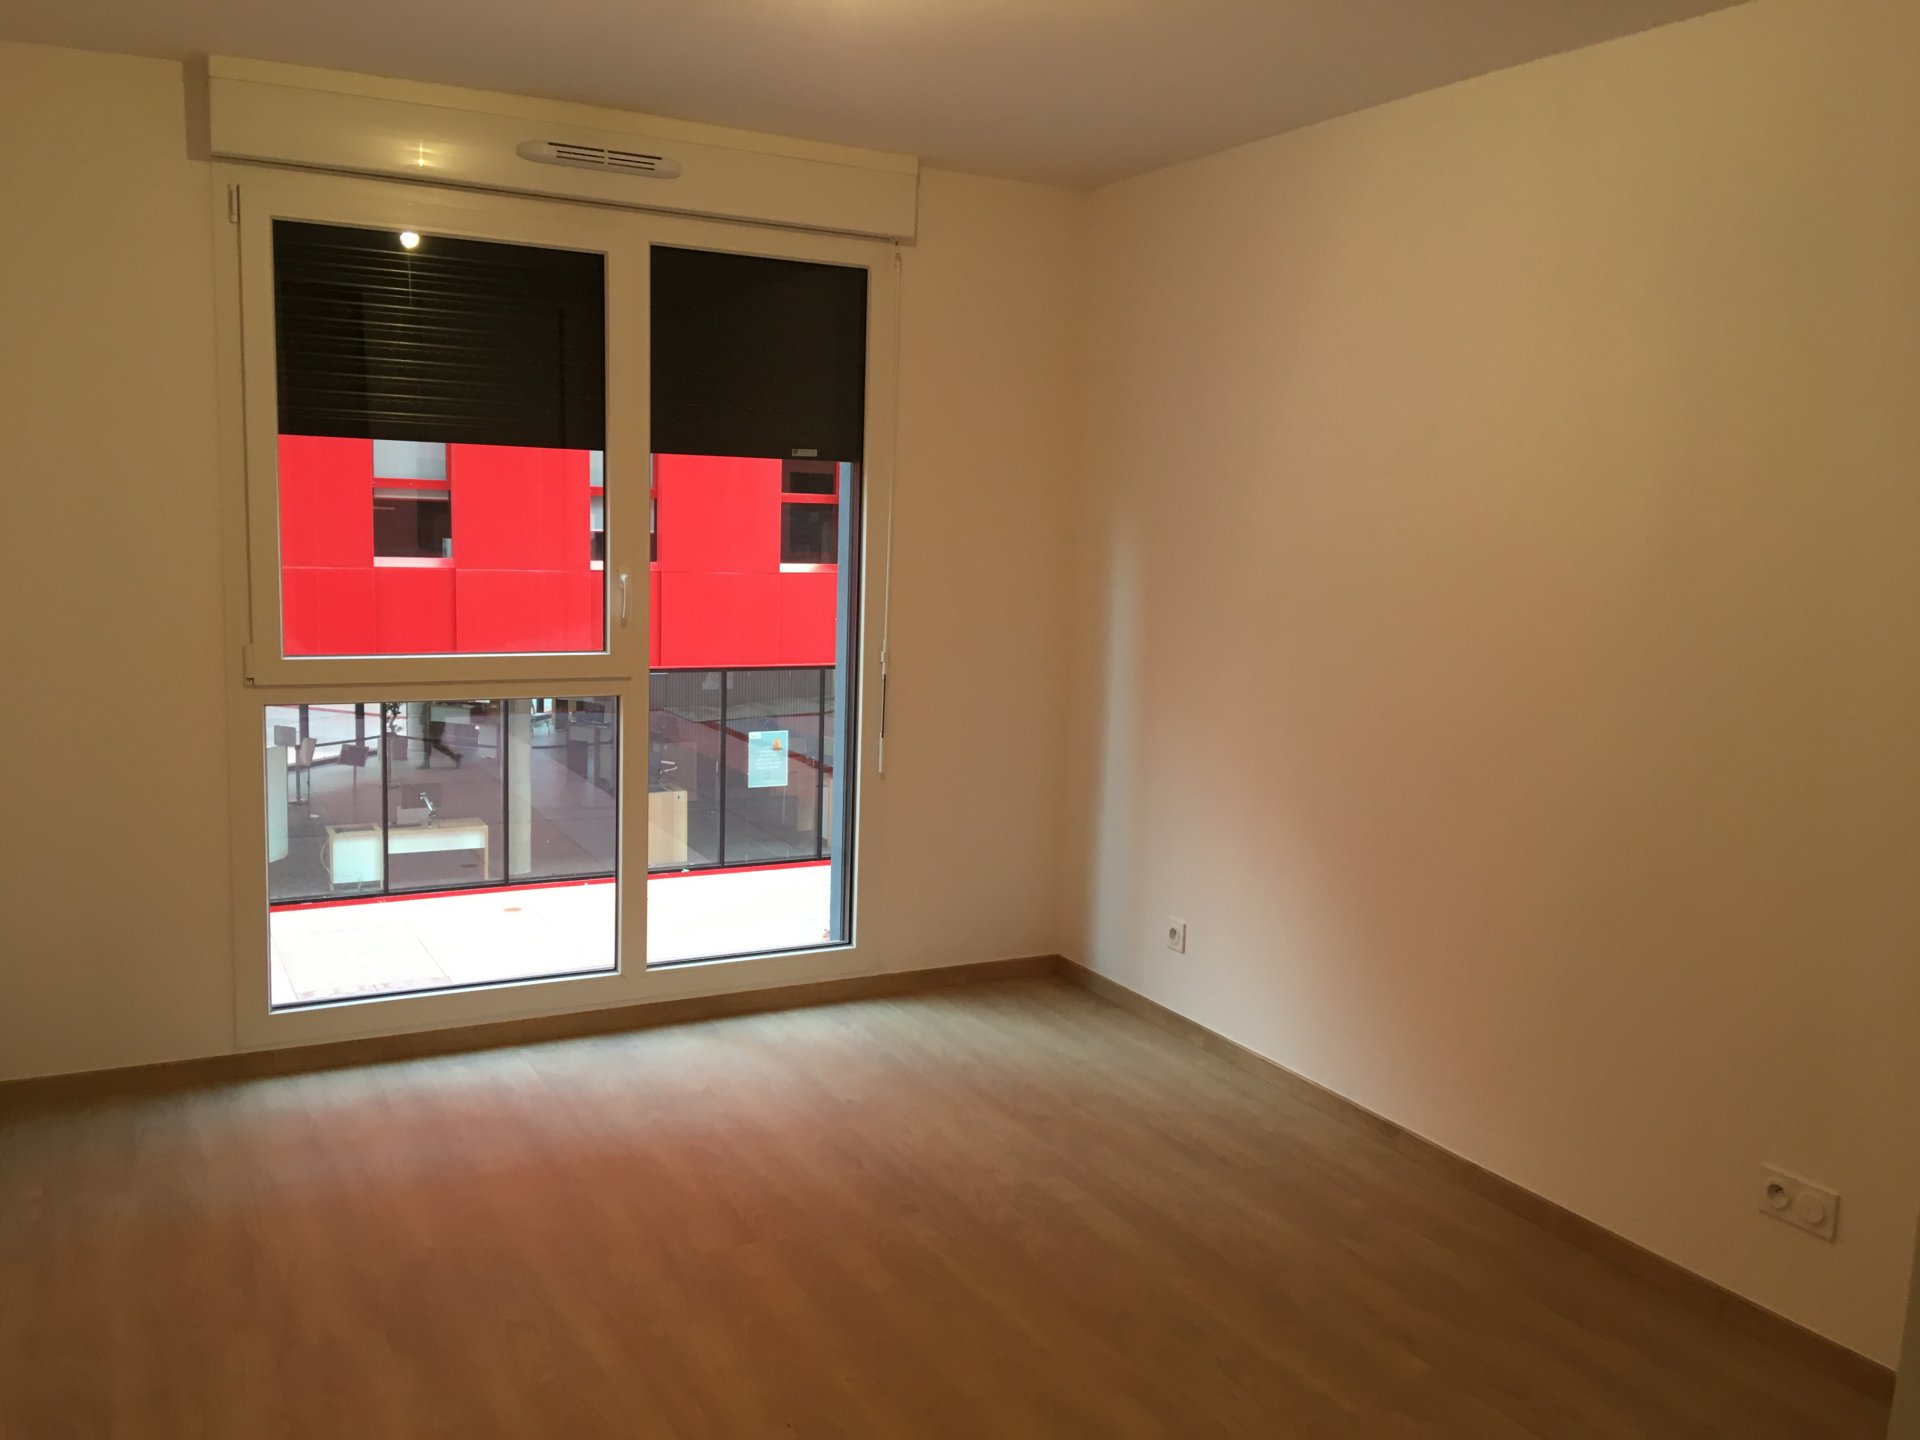 SAINT-ETIENNE - T3 NEUF avec cuisine équipée + place de parking